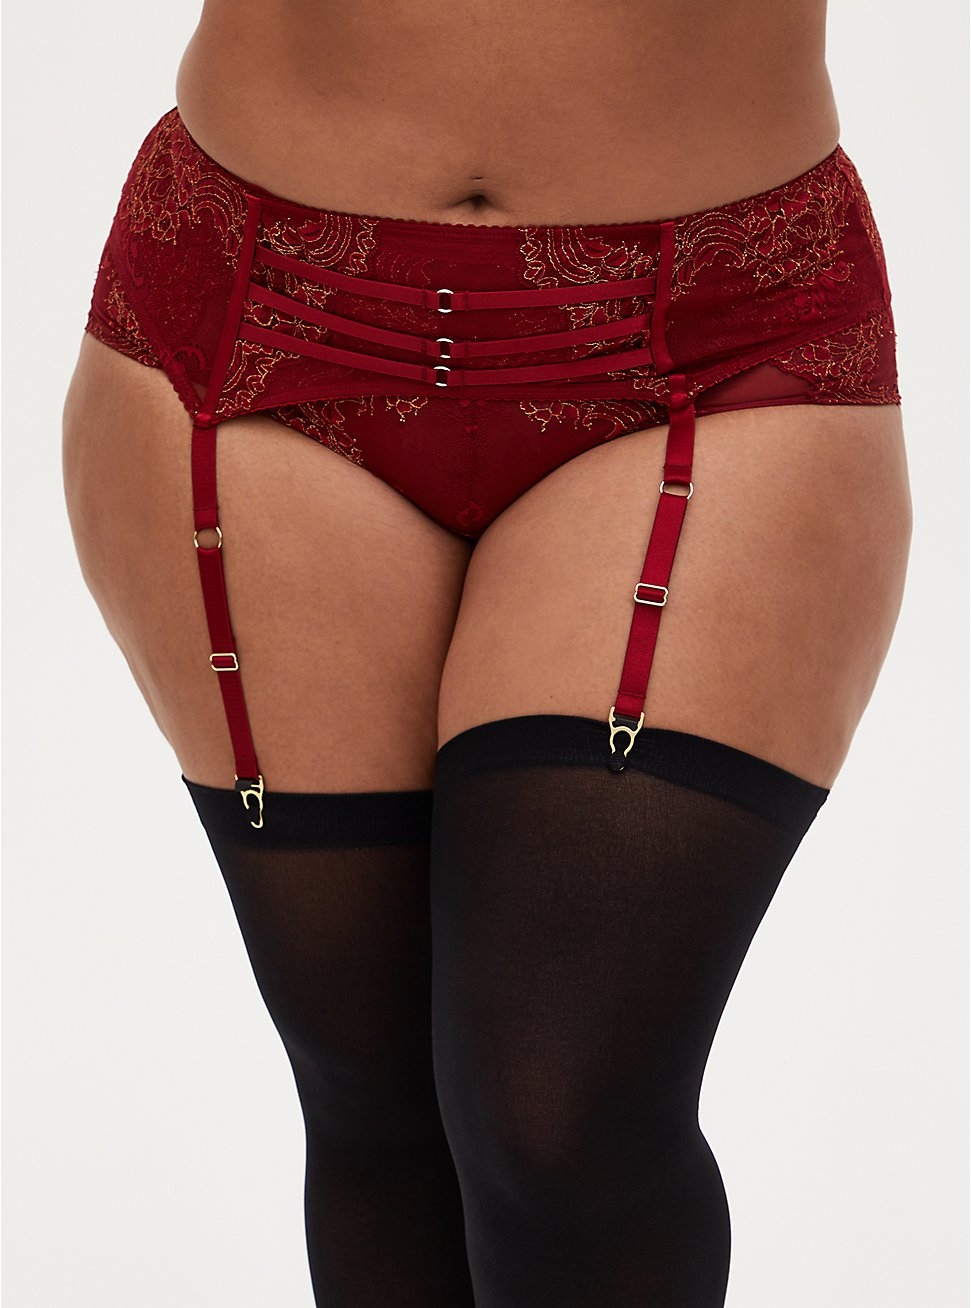 Plus Size Red Mesh & Lace Garter Belt, BIKING RED, hi-res